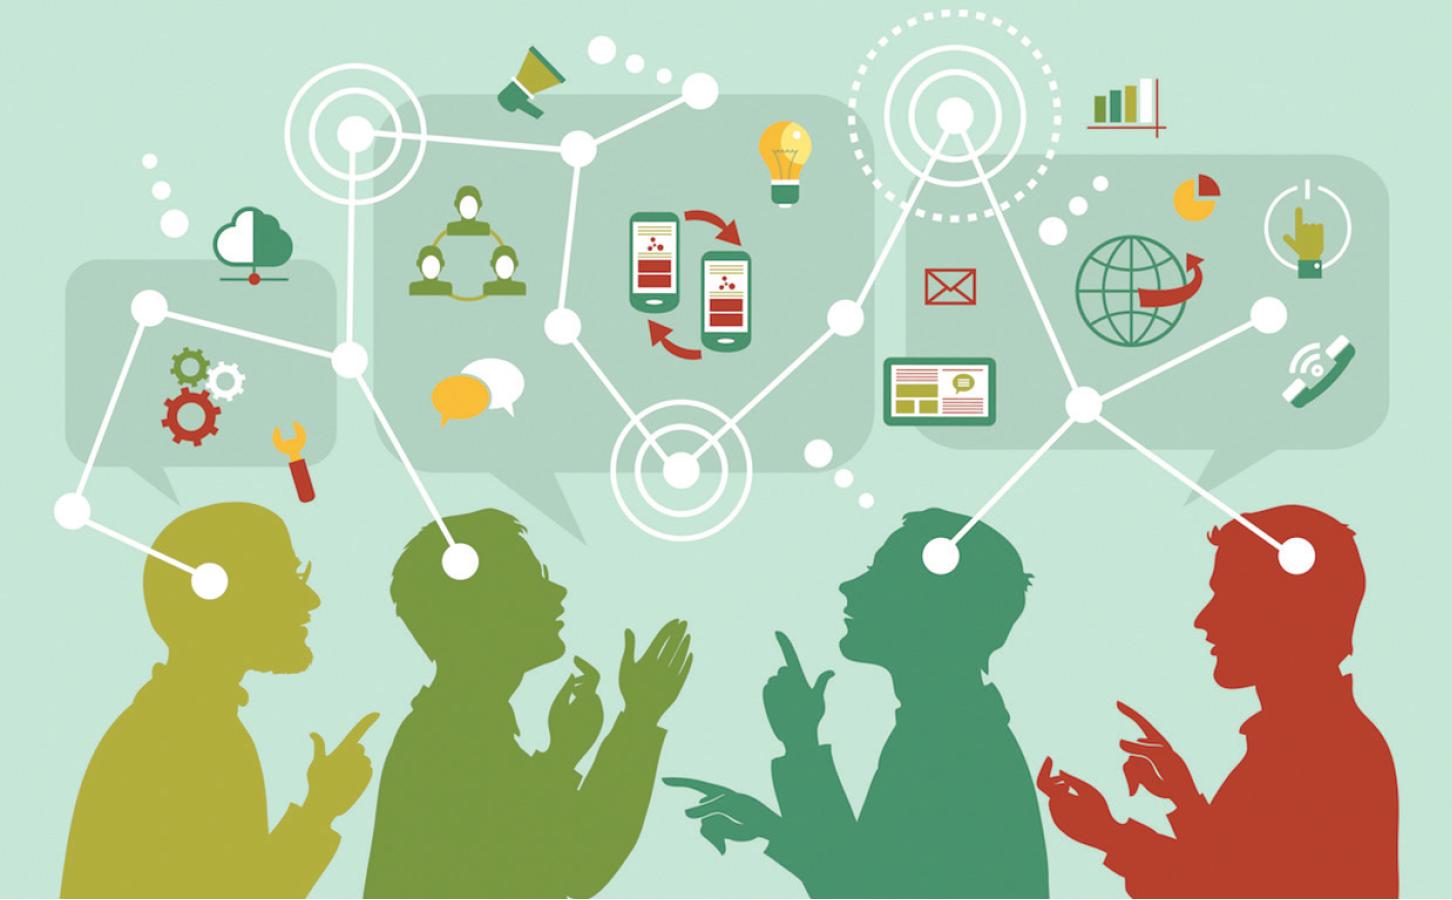 I nuovi linguaggi della comunicazione oggi: tra cultura e apparire.